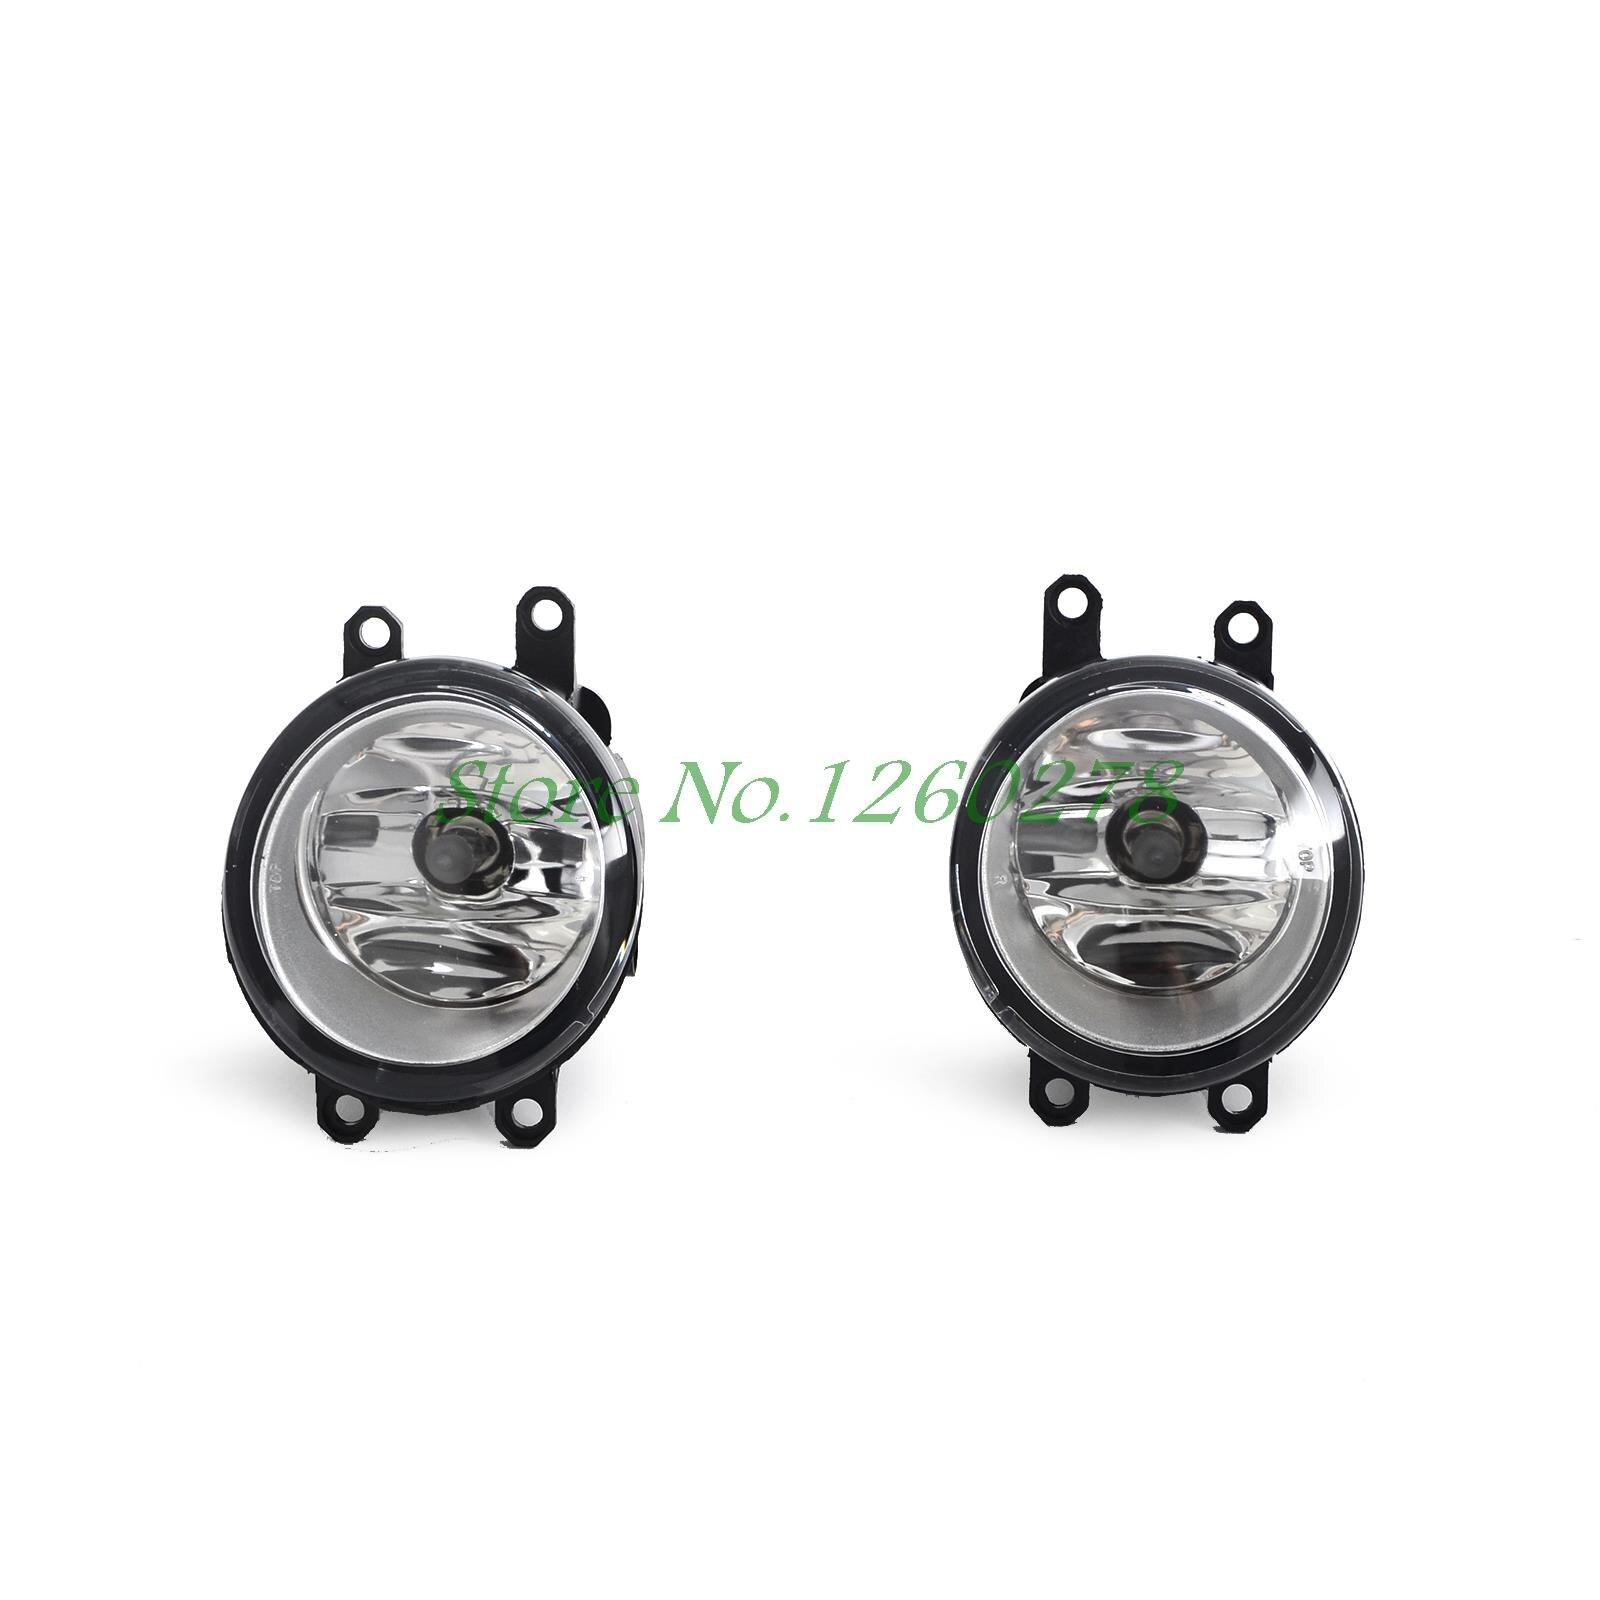 NICECNC Галогенные Противотуманные фары лампы/Н11 55ВТ лампы для Lexus CT200h ES300h es350 и моделей gs350 HS250h 460 450h в комплектации is250 is350 для lx570 и rx350 и RX450h